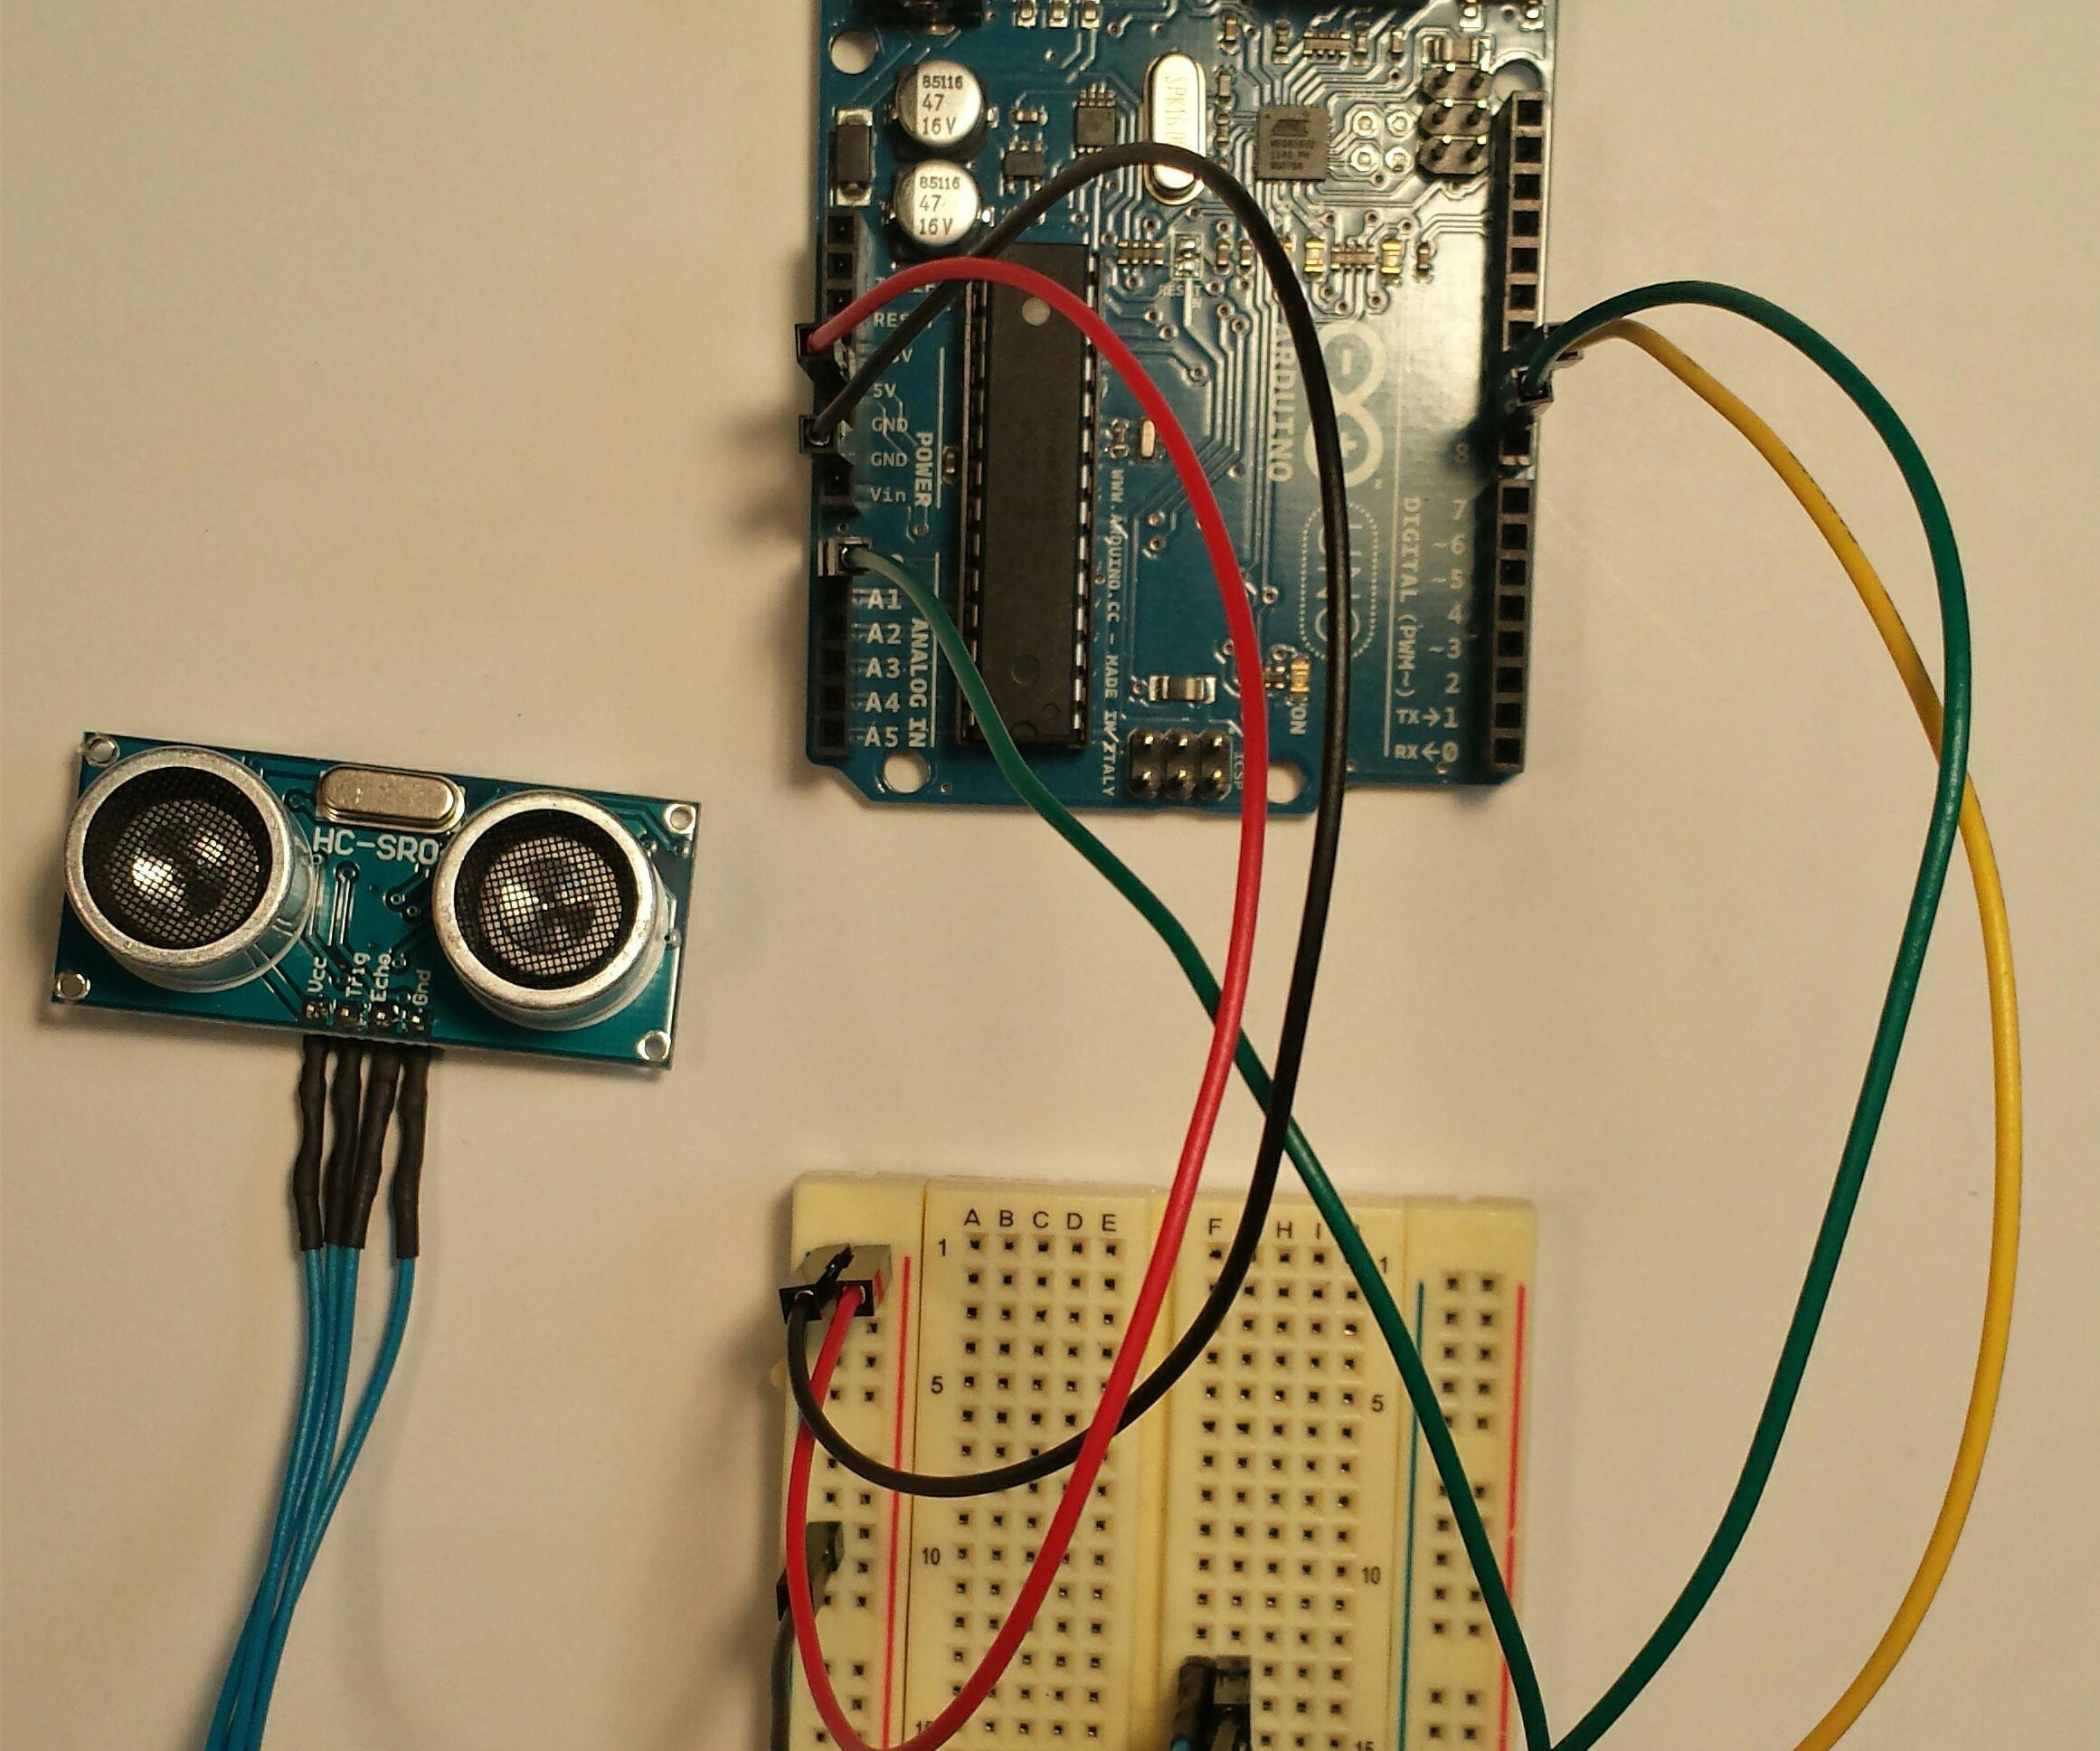 Improve Ultrasonic Range Sensor Accuracy